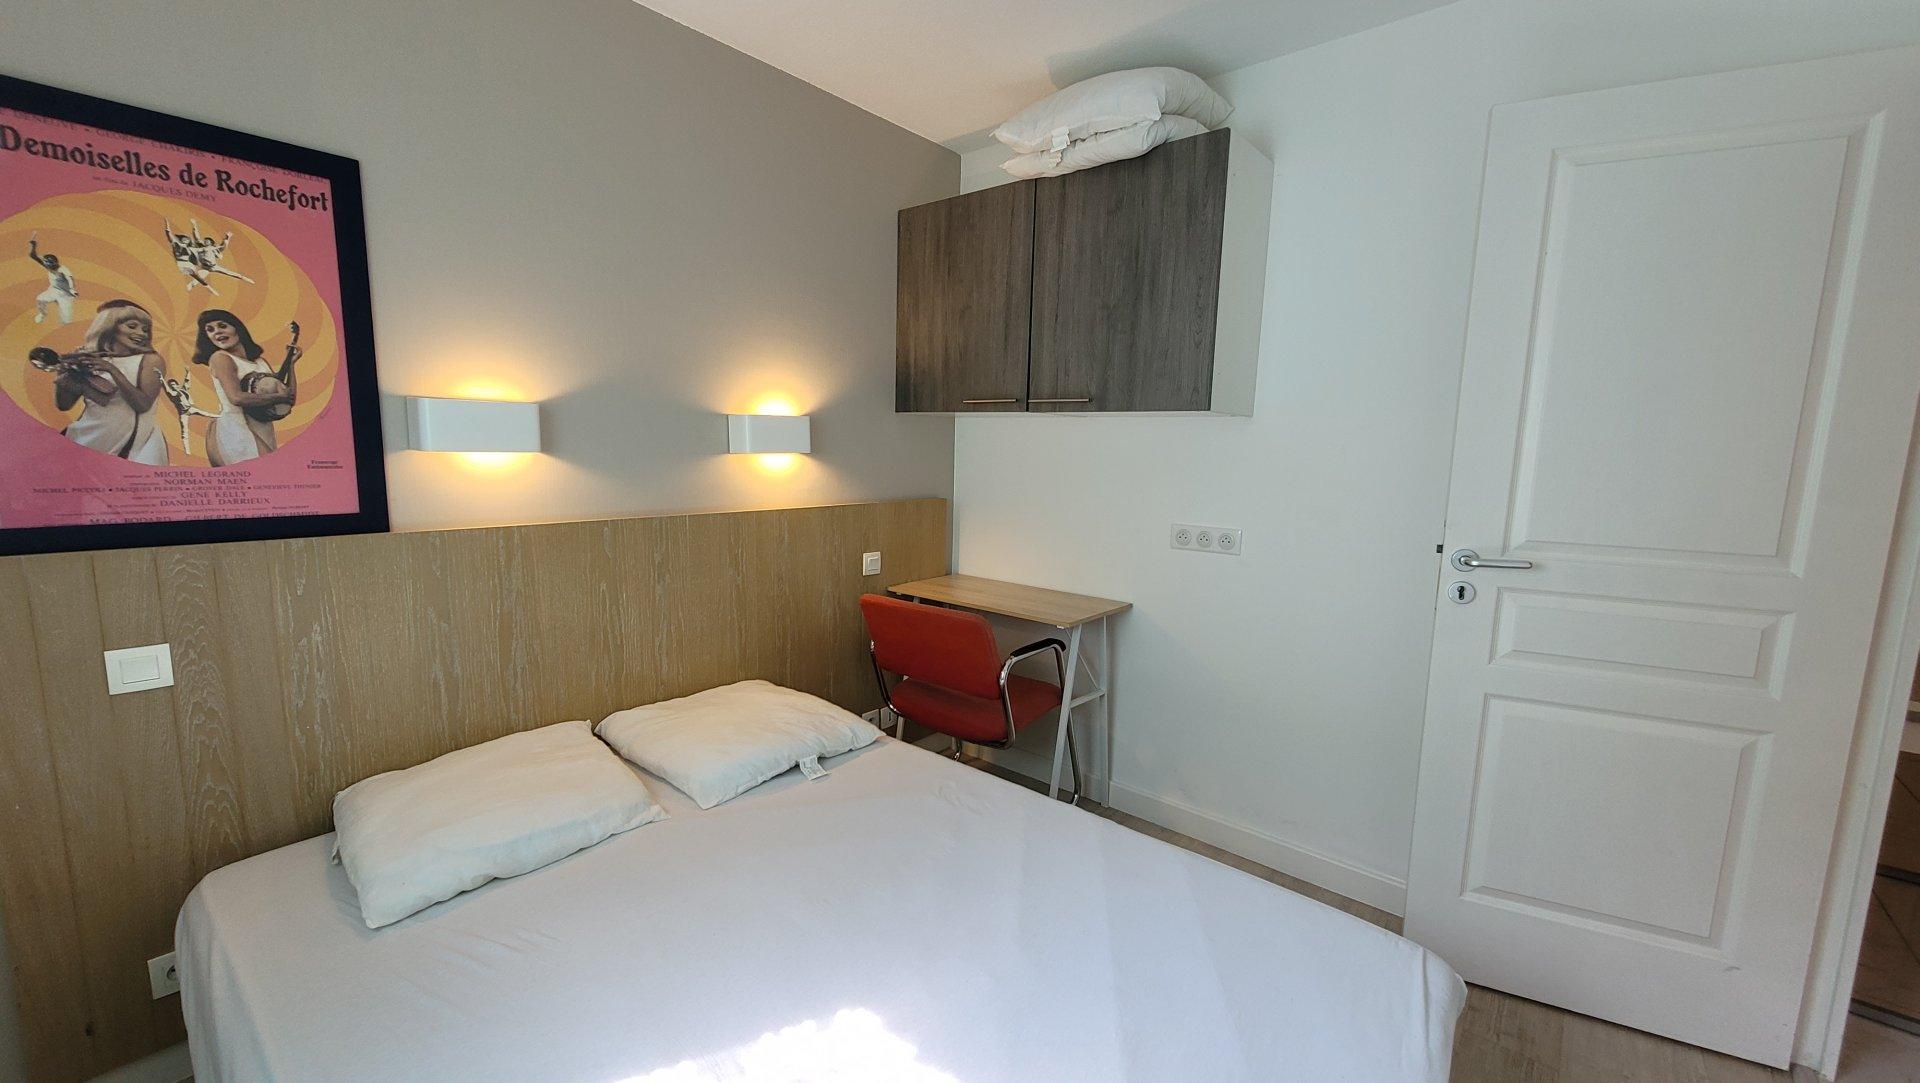 Rental Apartment - Cannes-la-Bocca Centre Ville